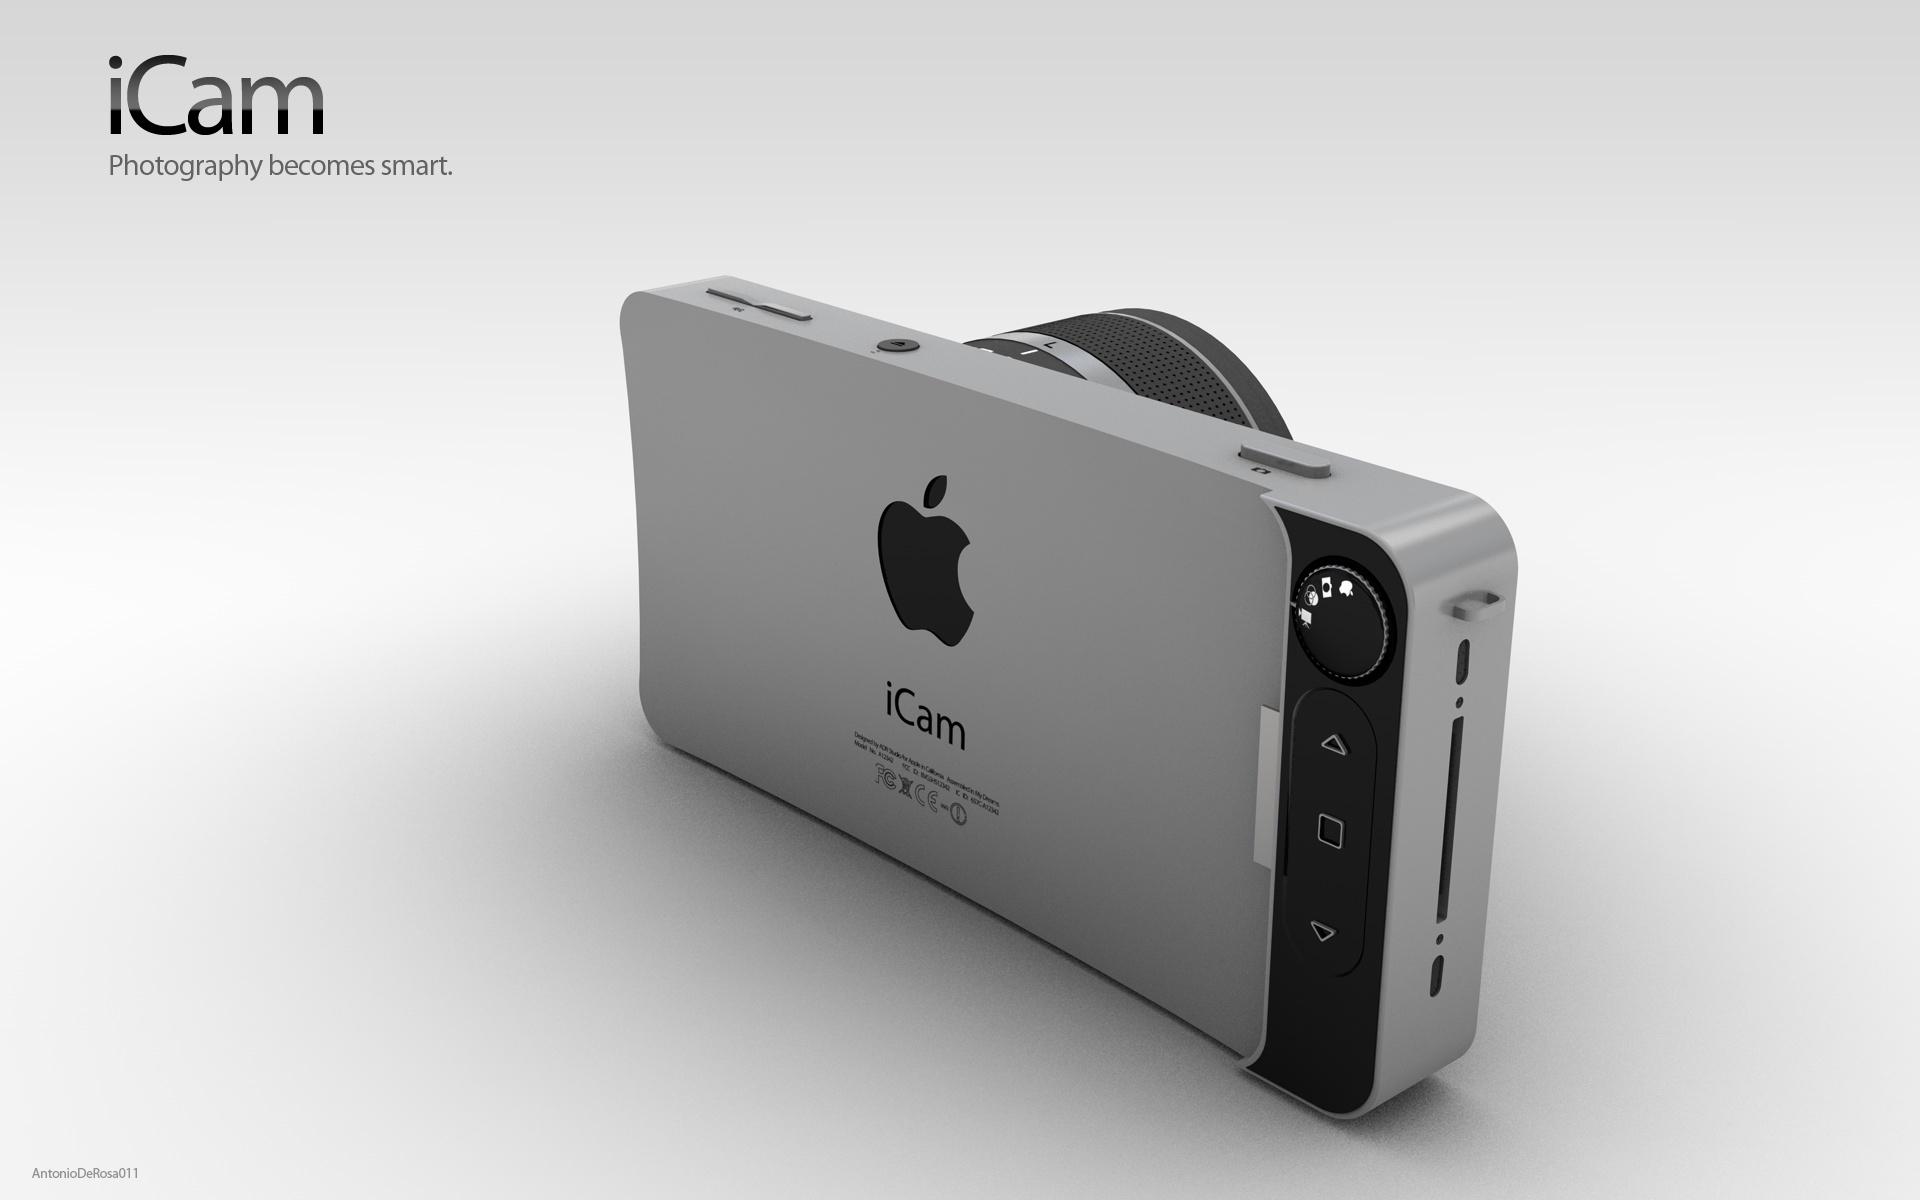 【概念设计】苹果概念相机icam; 苹果概念相机图赏 创意来自iphone!